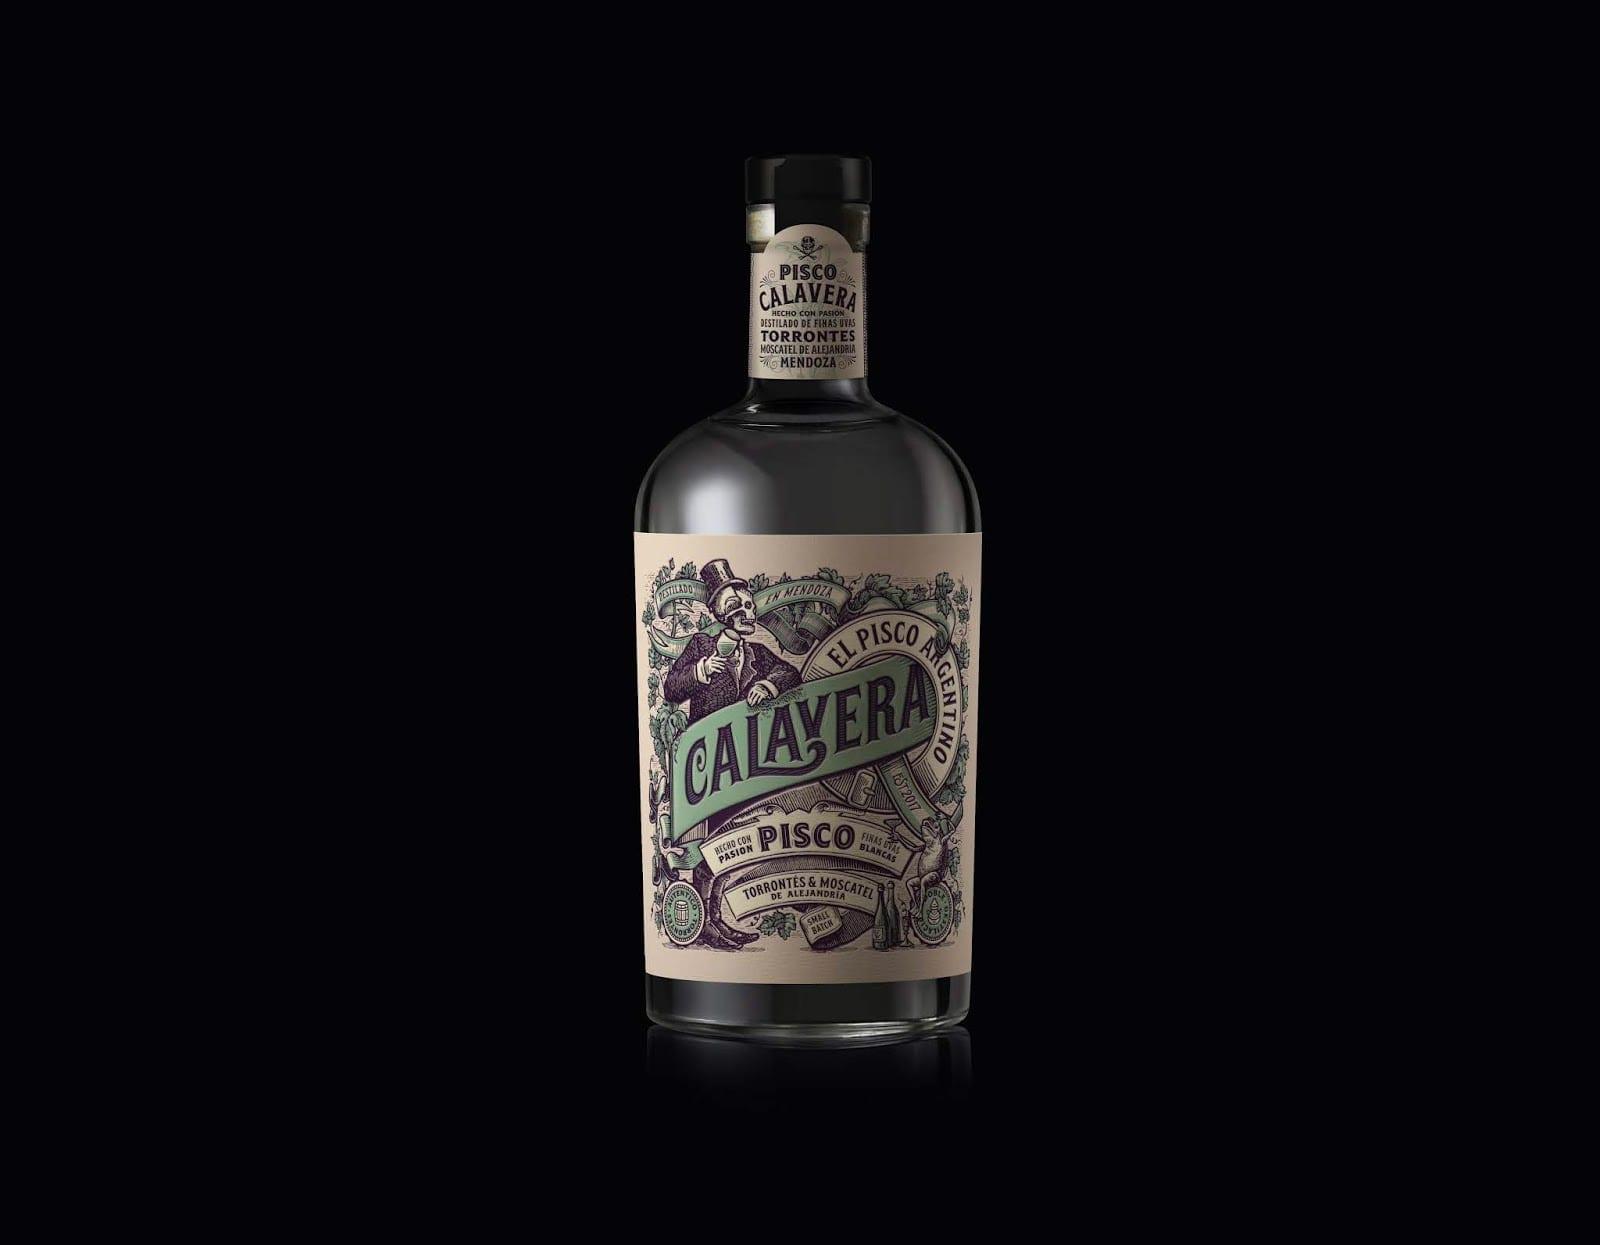 Calavera 1 - Ach, tie obaly – Calavera